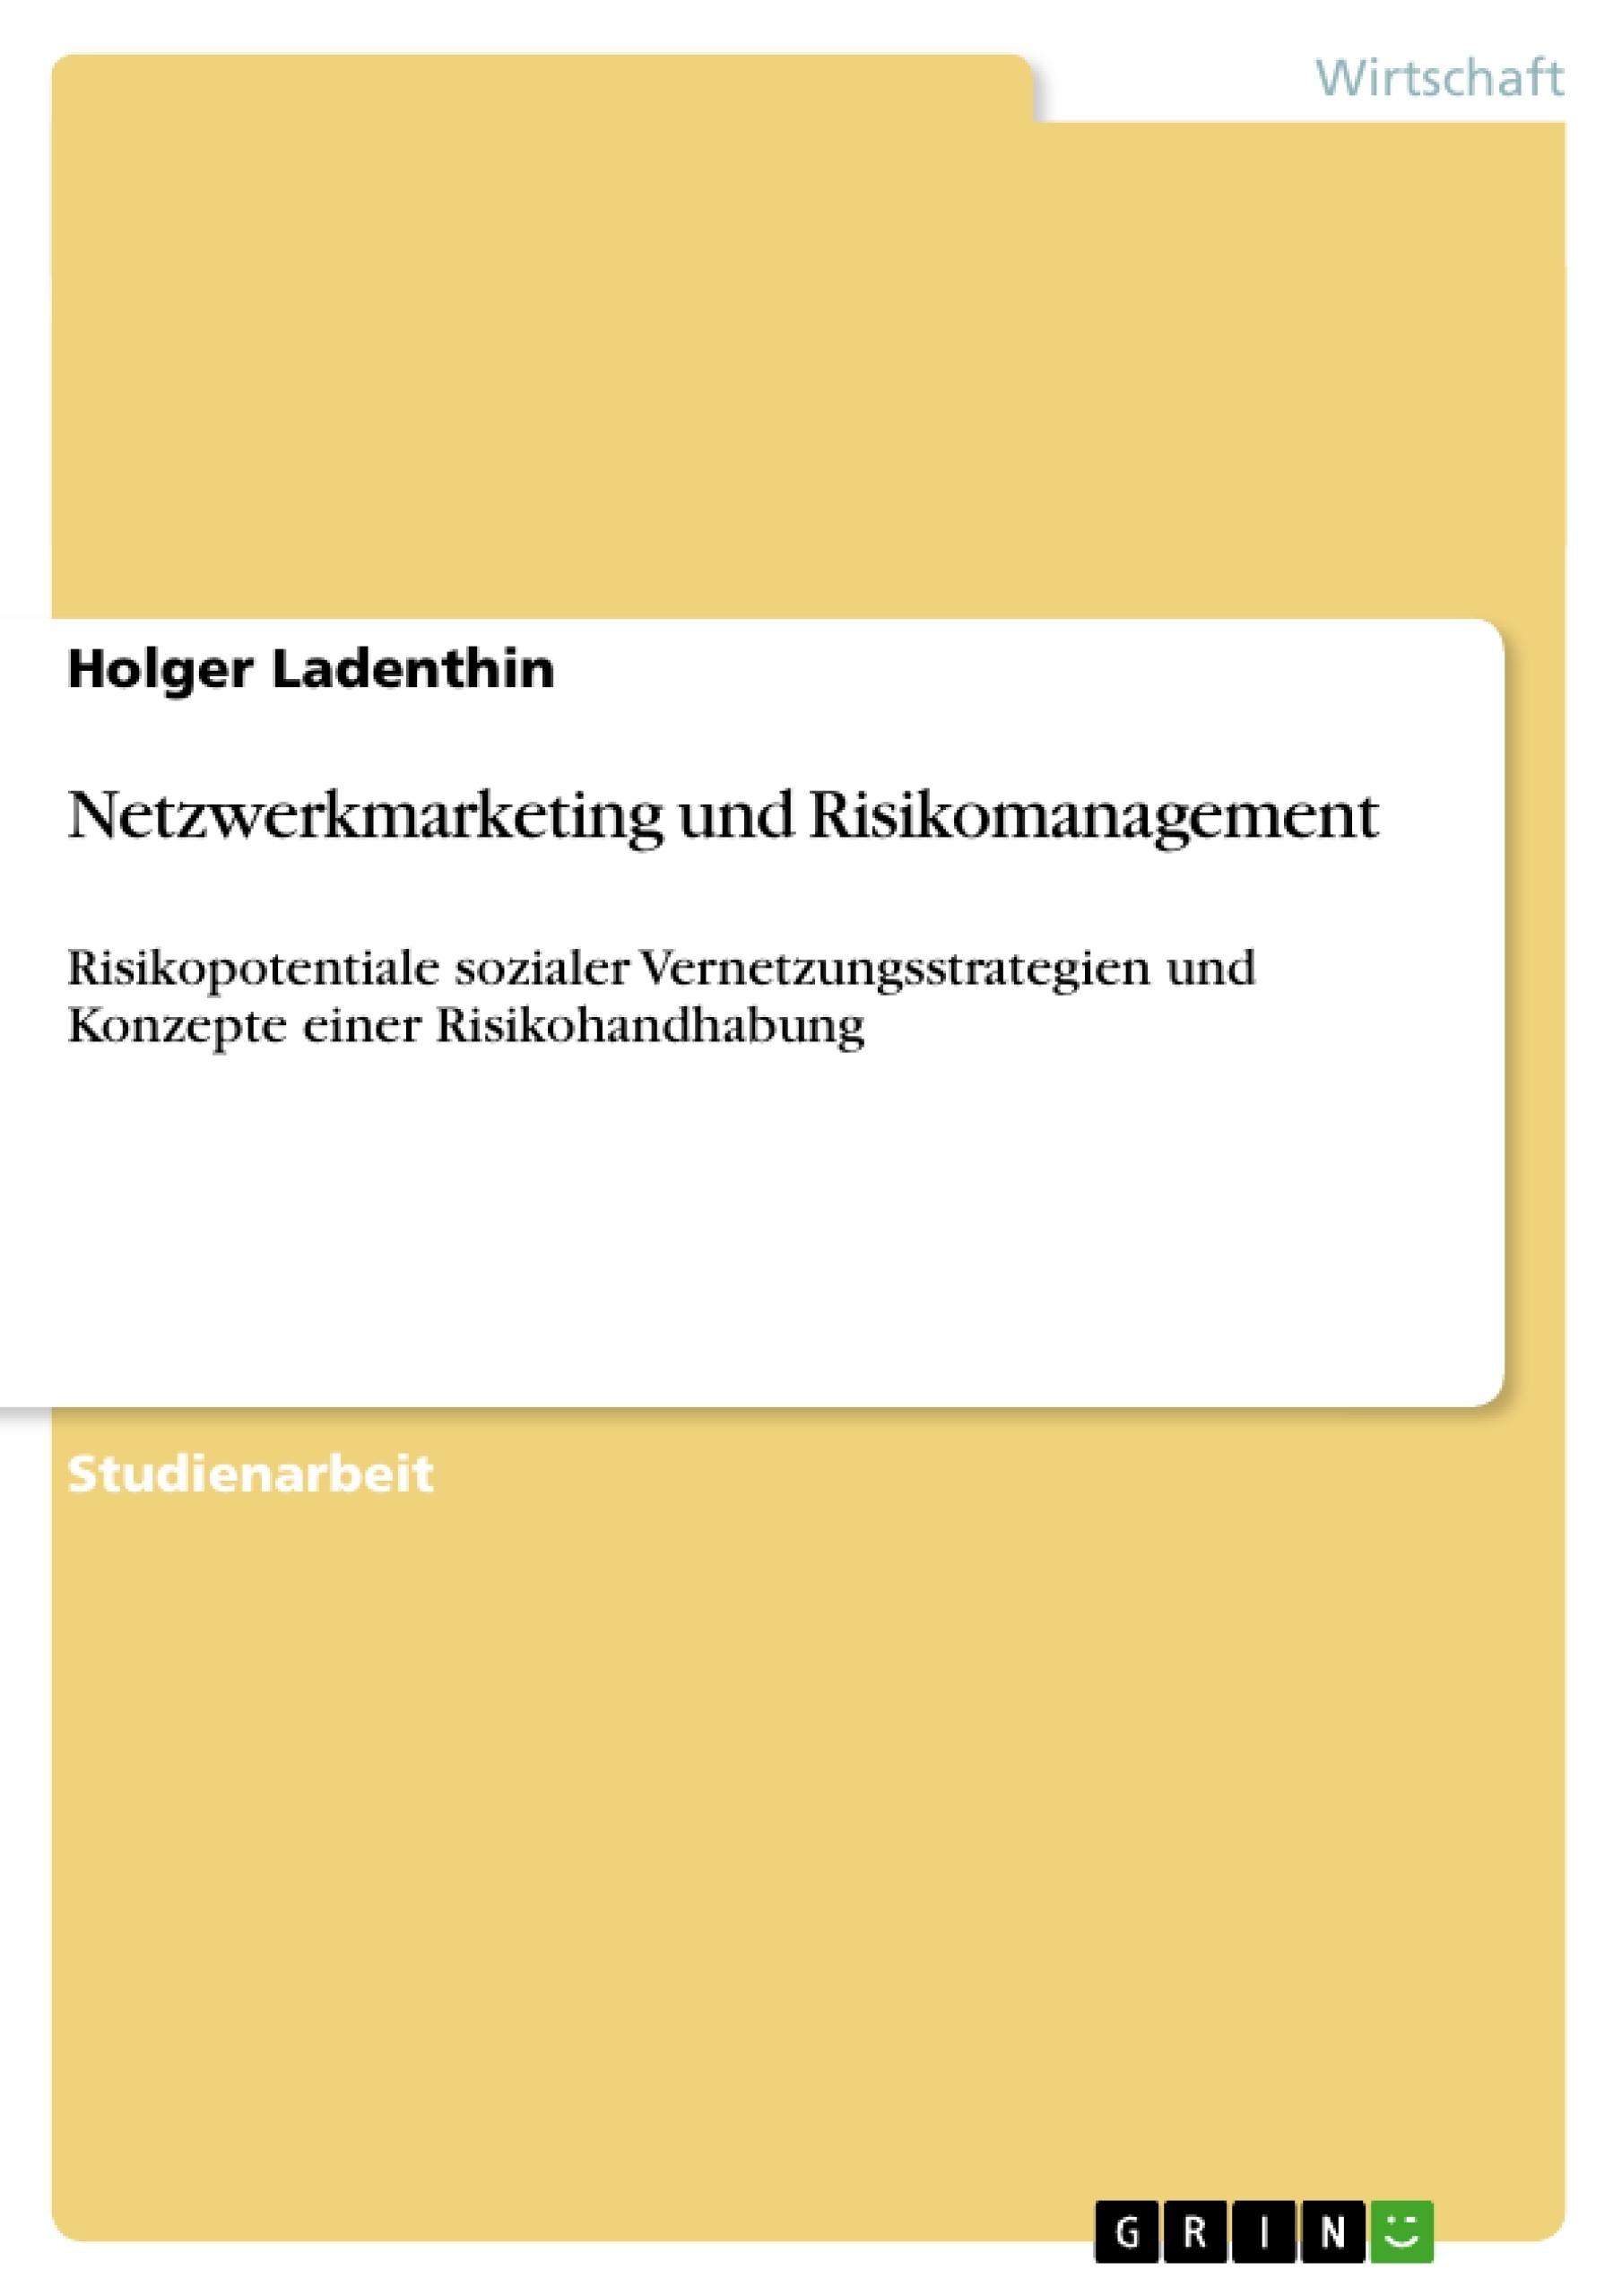 Titel: Netzwerkmarketing und Risikomanagement